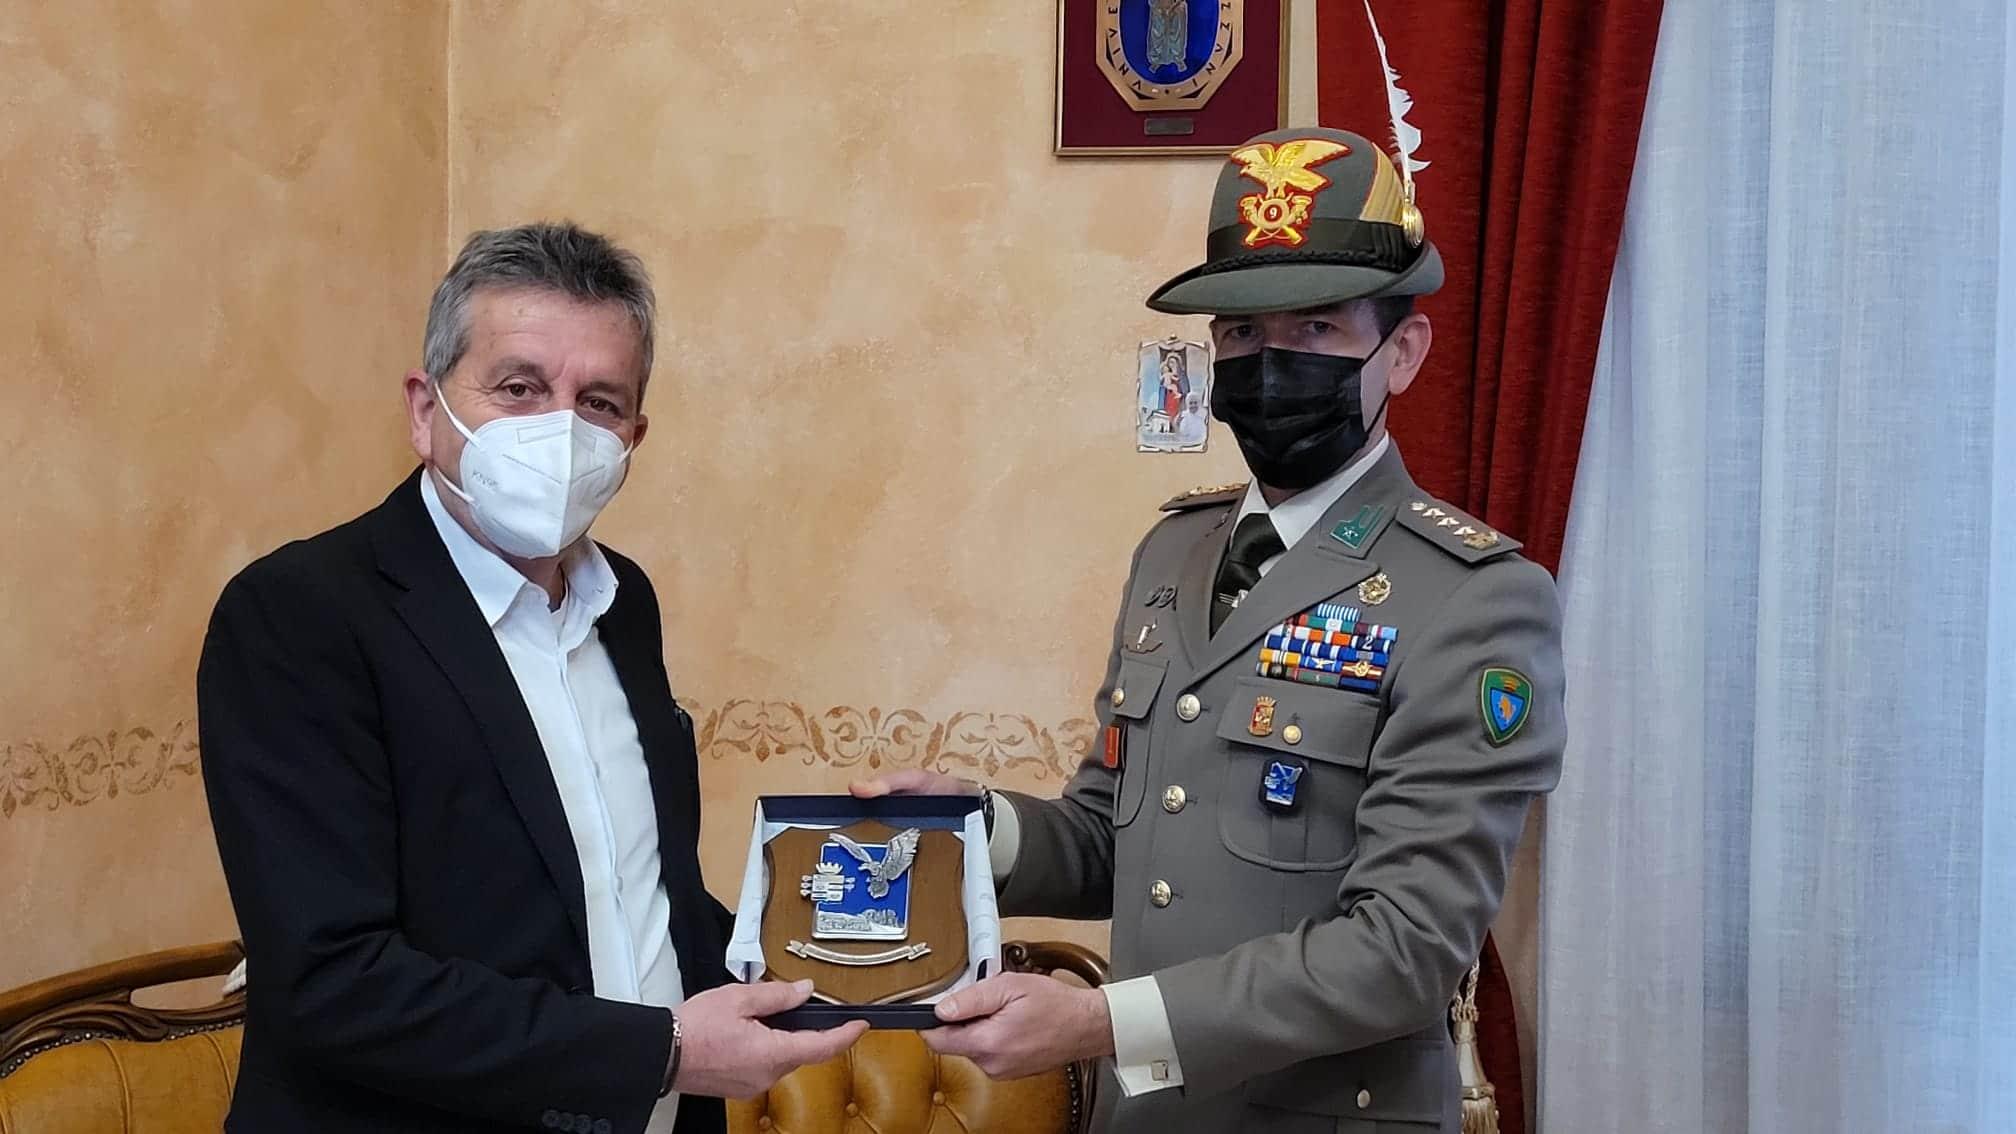 Il sindaco Di Pangrazio incontra il comandante del IX reggimento alpini, Colonnello Laurencig